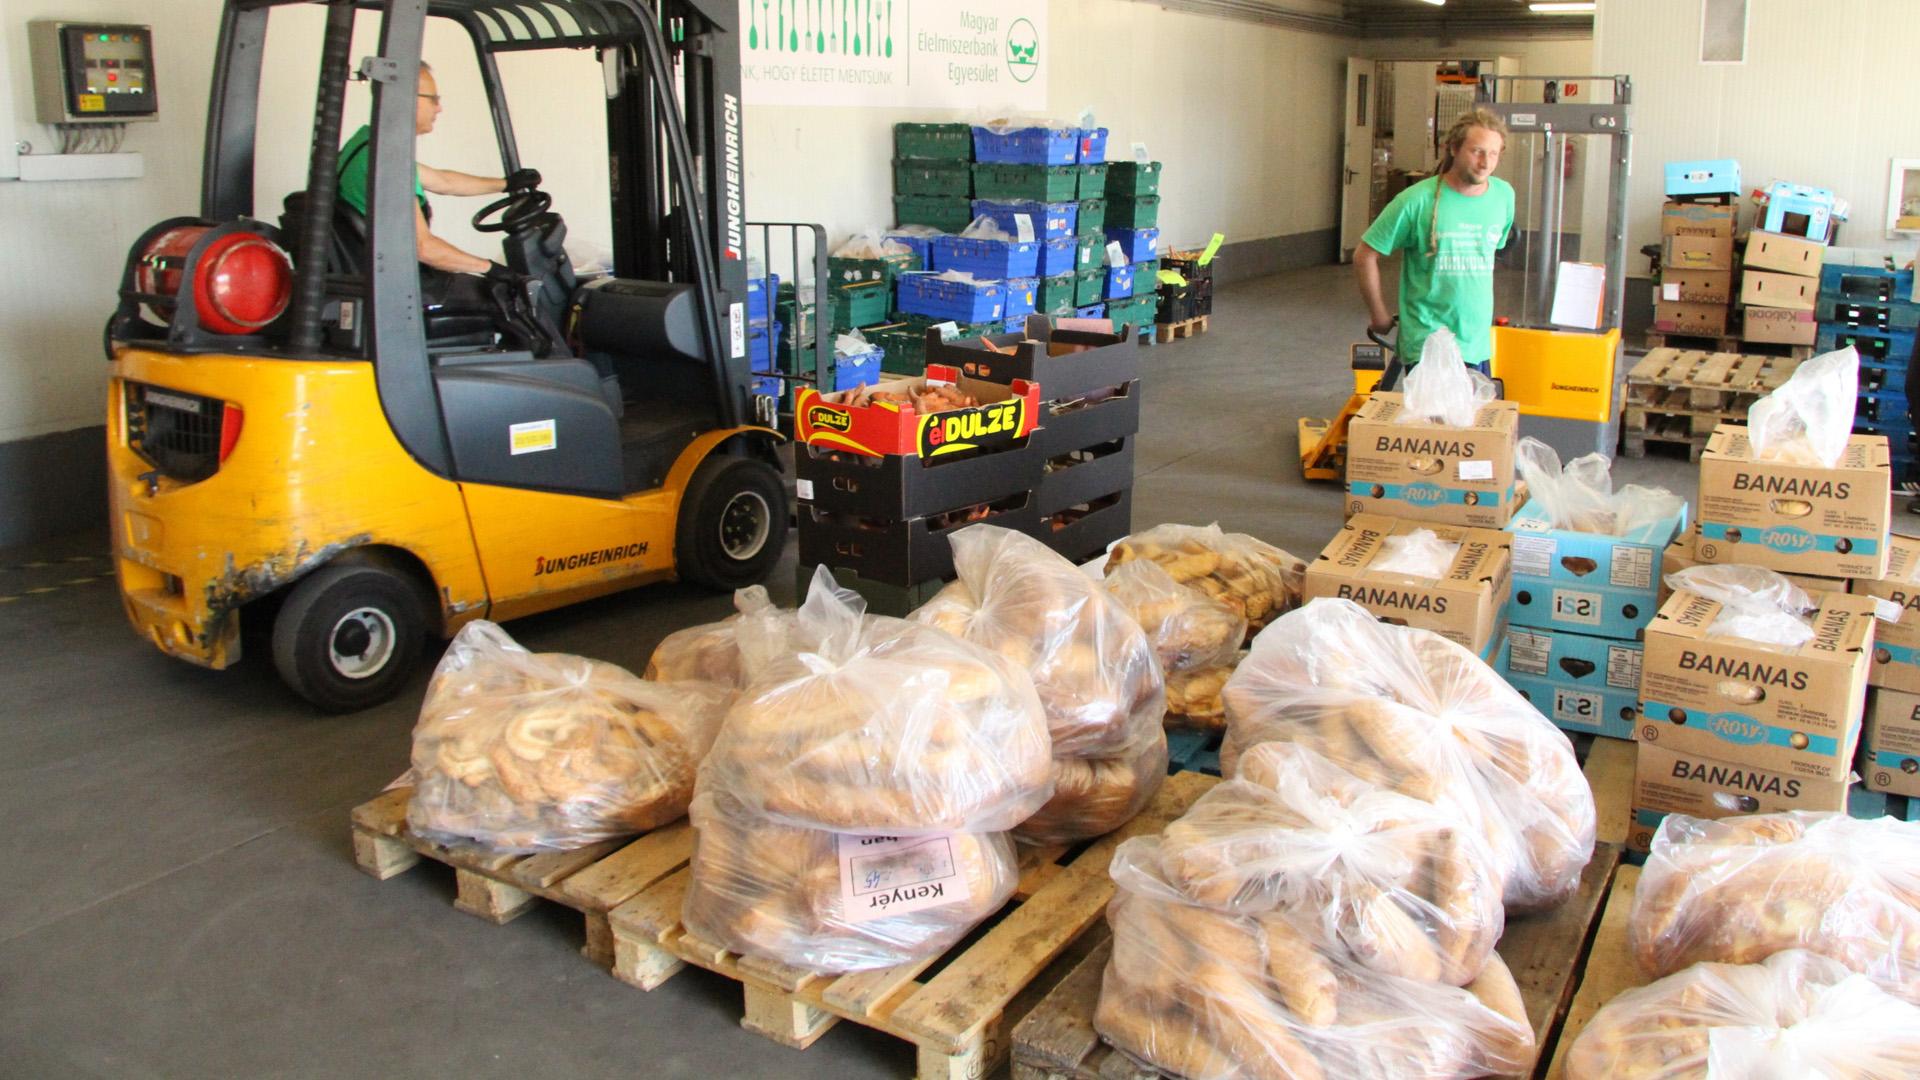 Ha az elpazarolt élelmiszert kamionokra pakolnánk, Budapesttől Párizsig tartana a sor